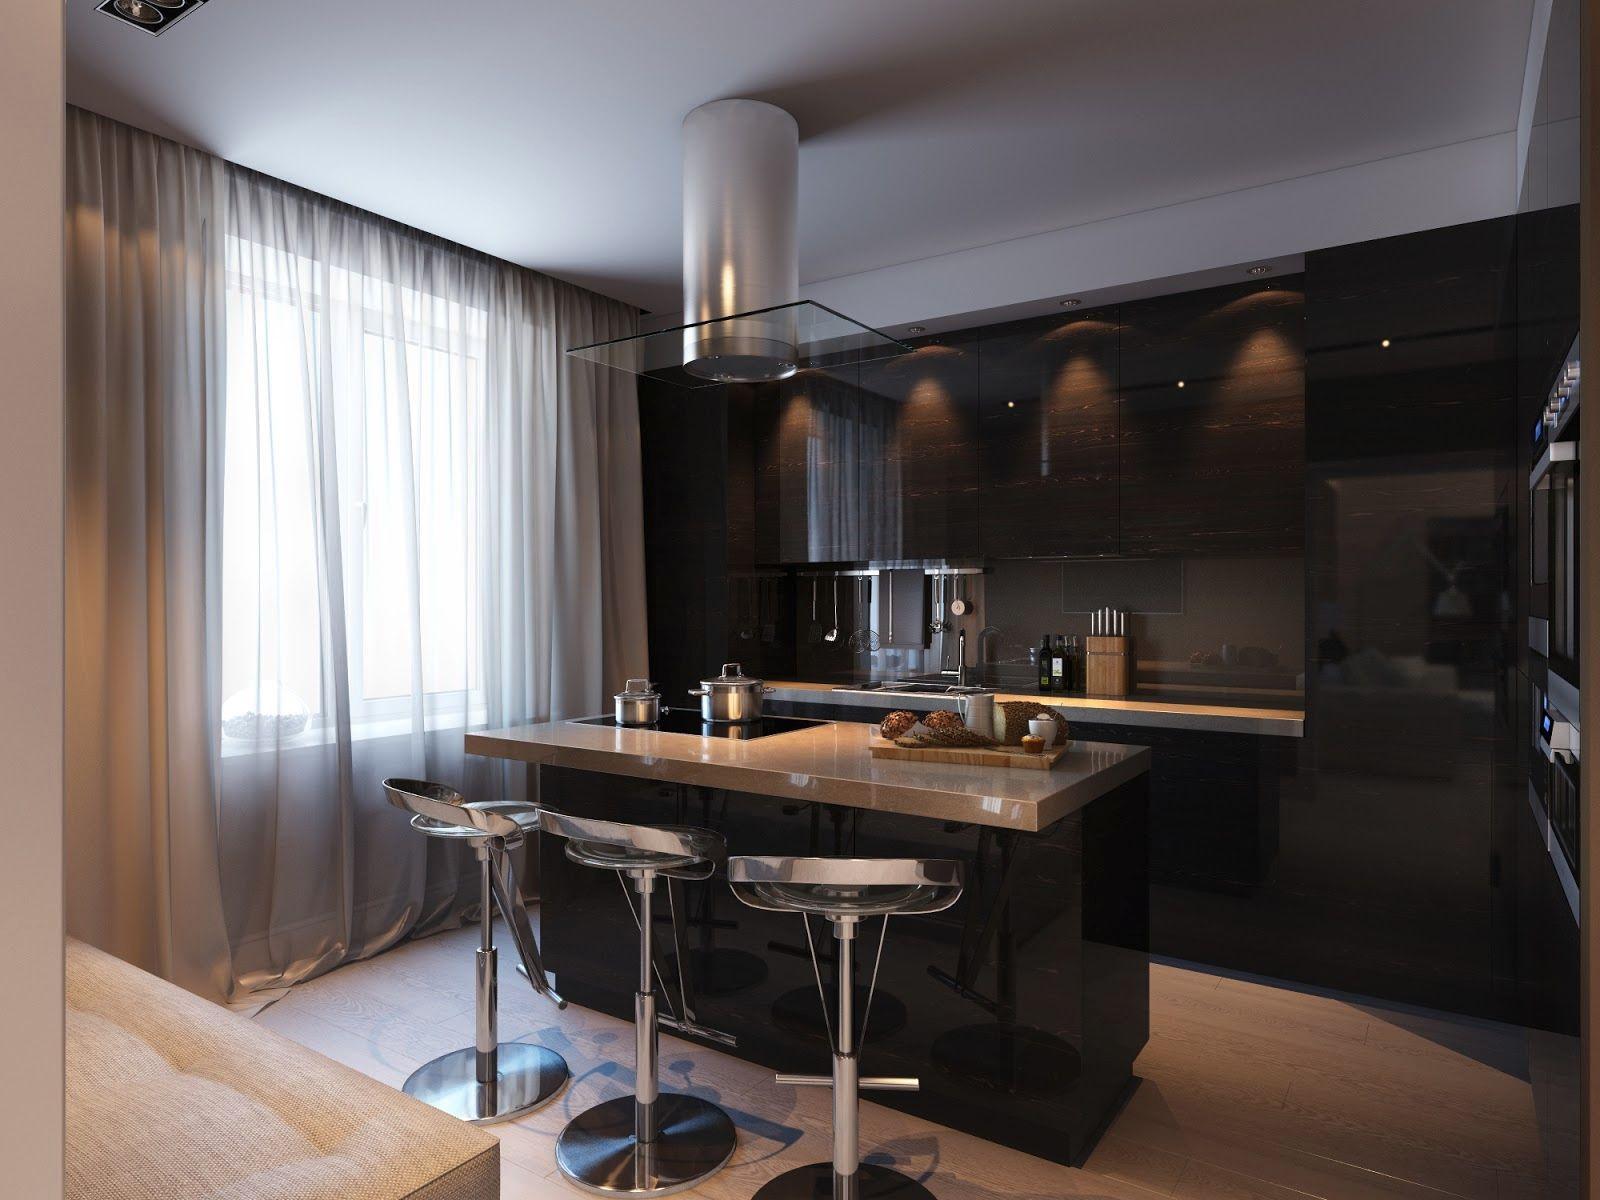 Kitchens With Contrast Kitchen Design Kitchen Bar Design Bar